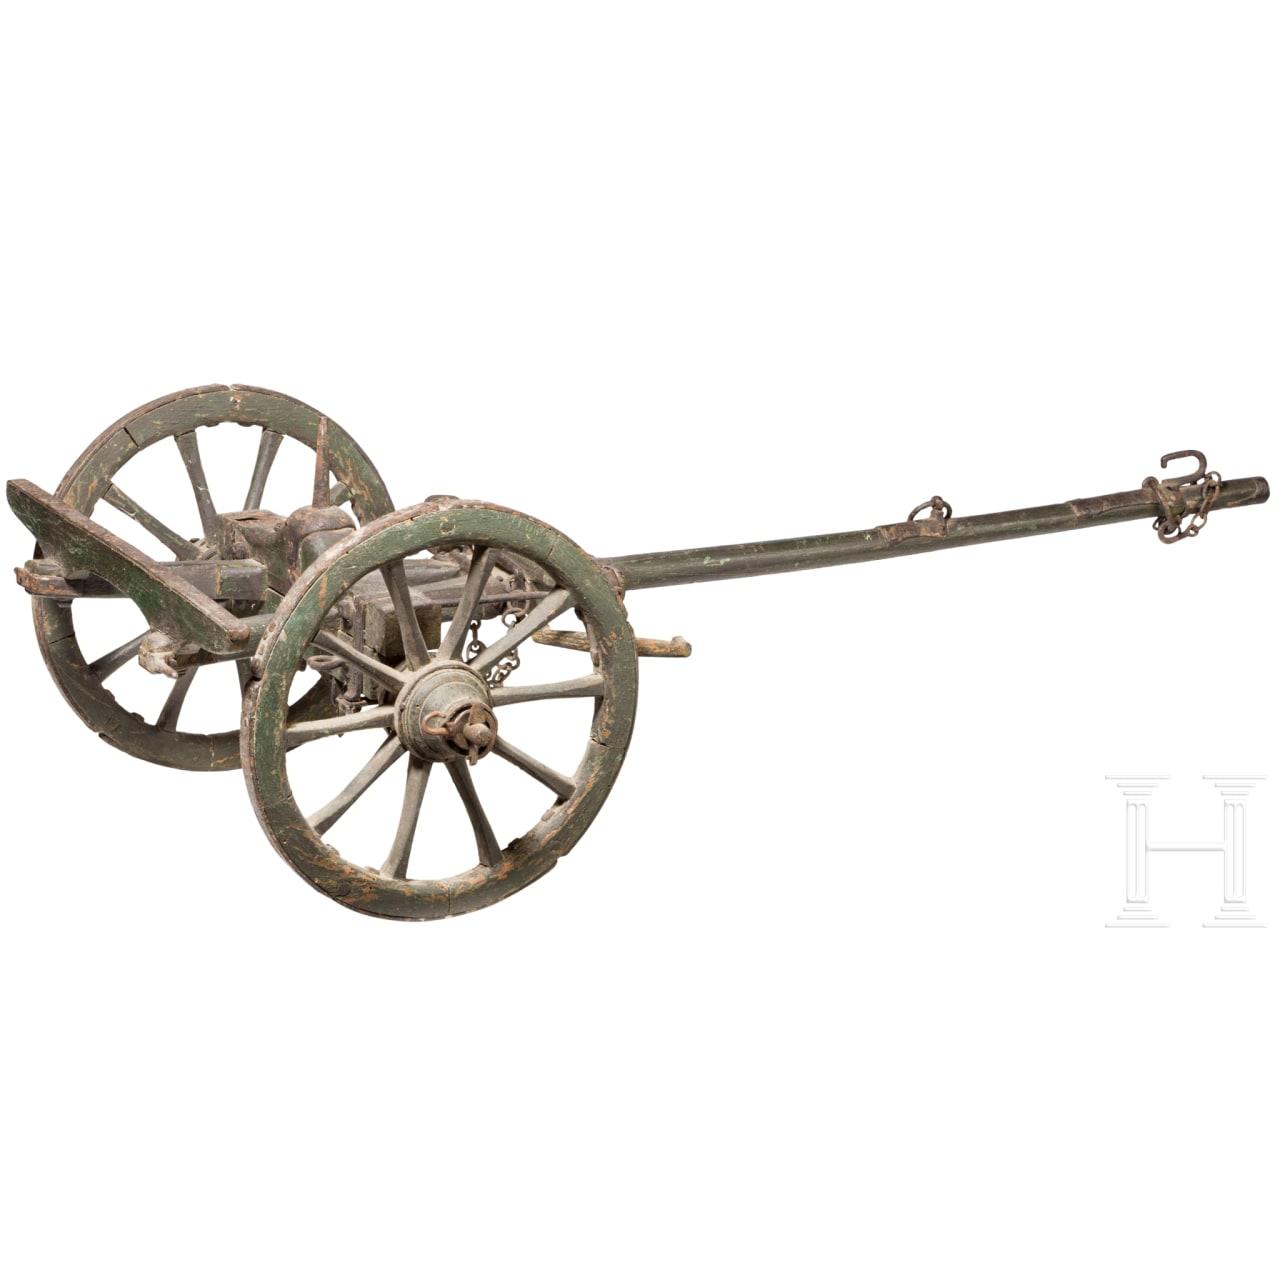 Protze für ein Modell eines französischen Feldgeschützes, 19. Jhdt.